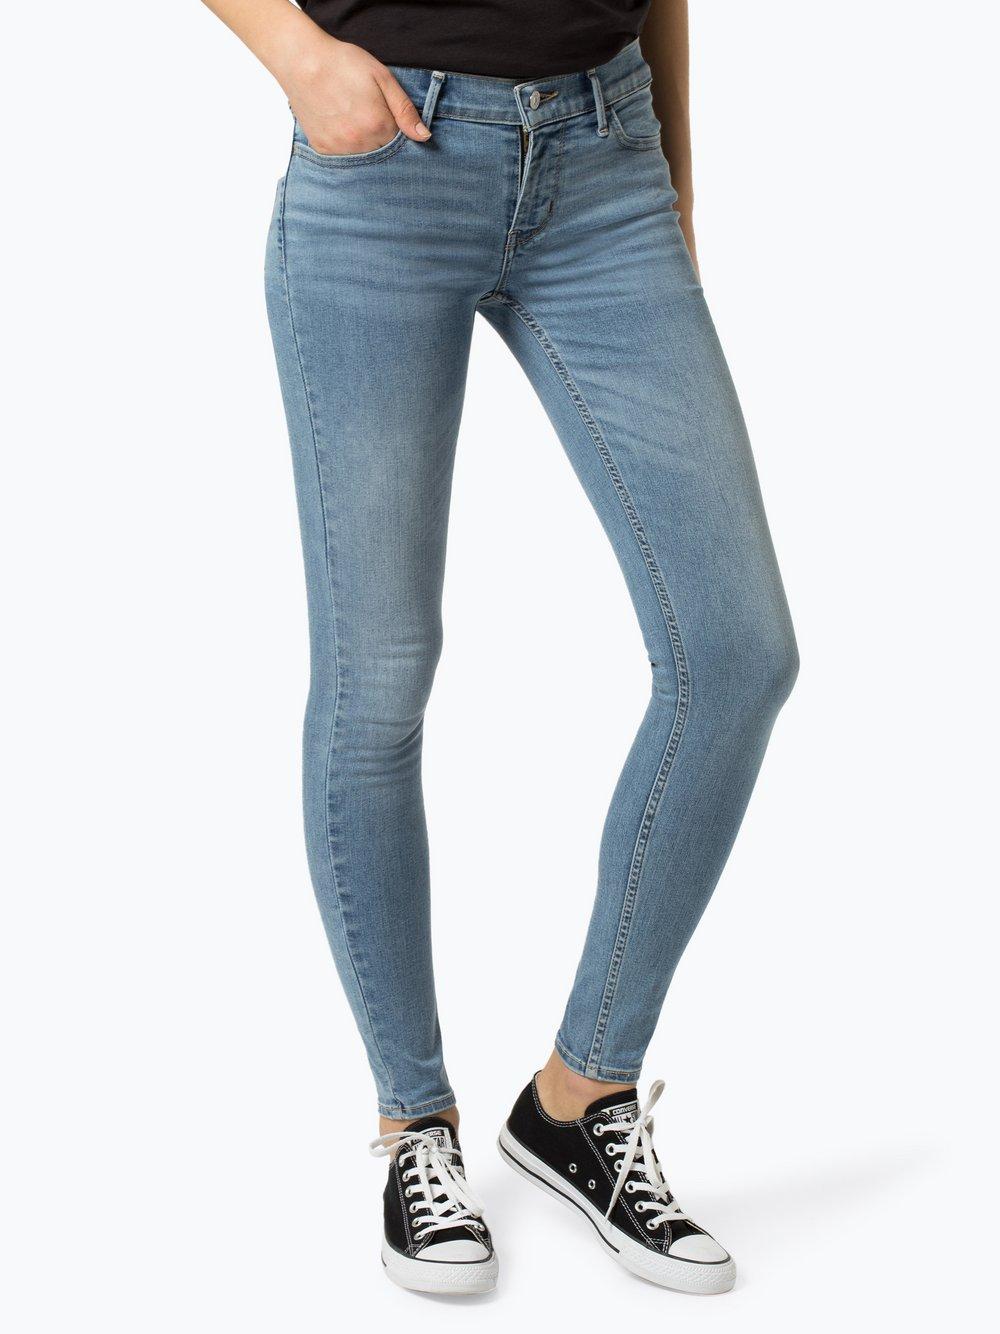 Levi's Damen Jeans 710 online kaufen | VANGRAAF.COM